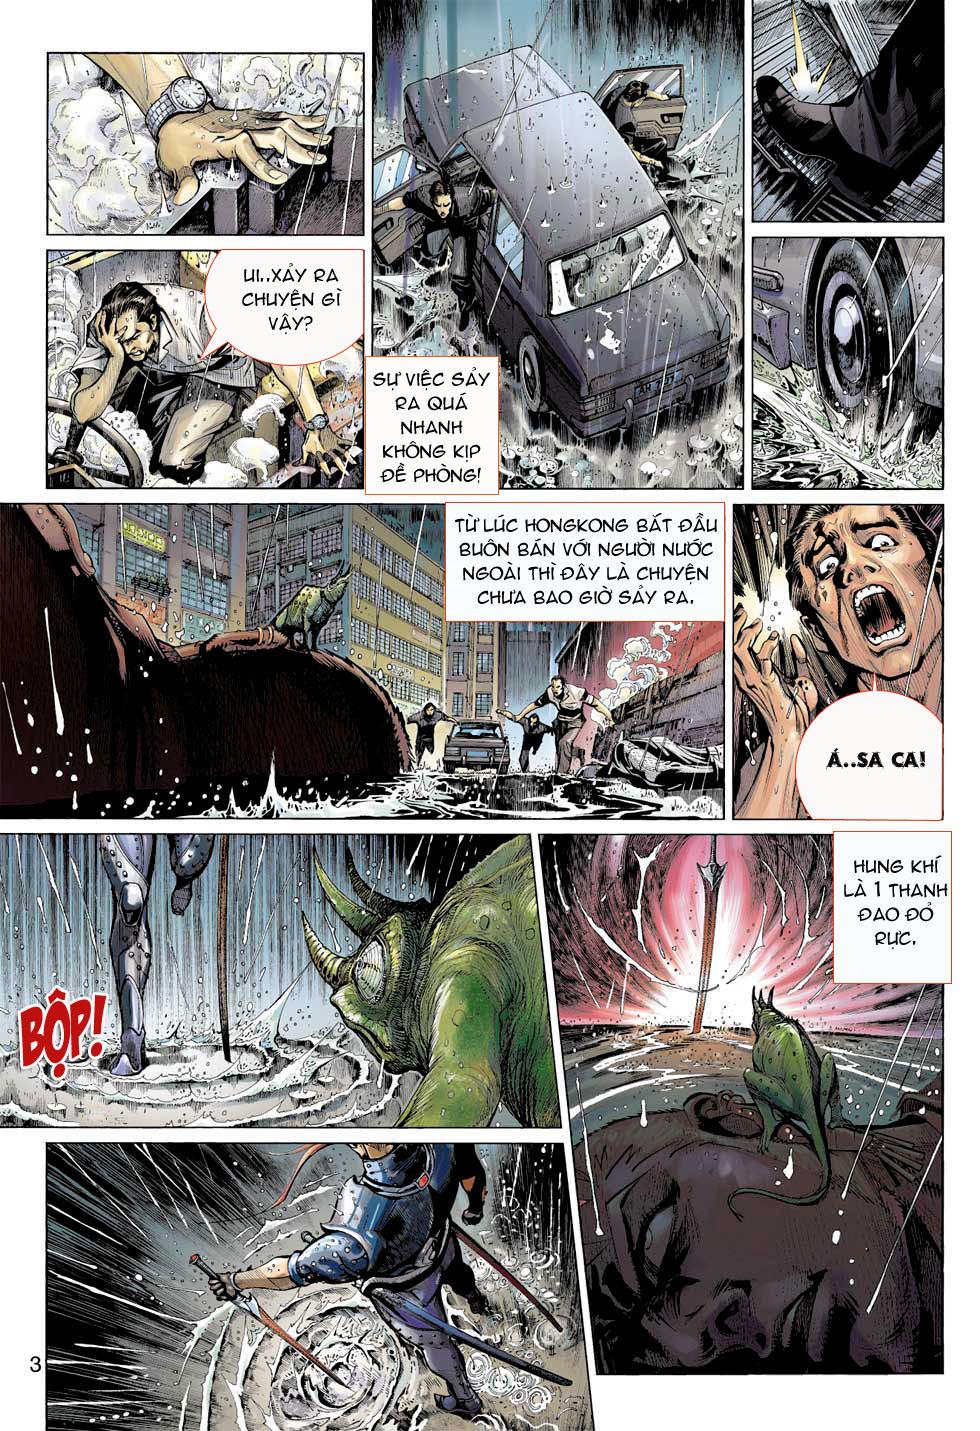 Thần Binh 4 chap 8 - Trang 3